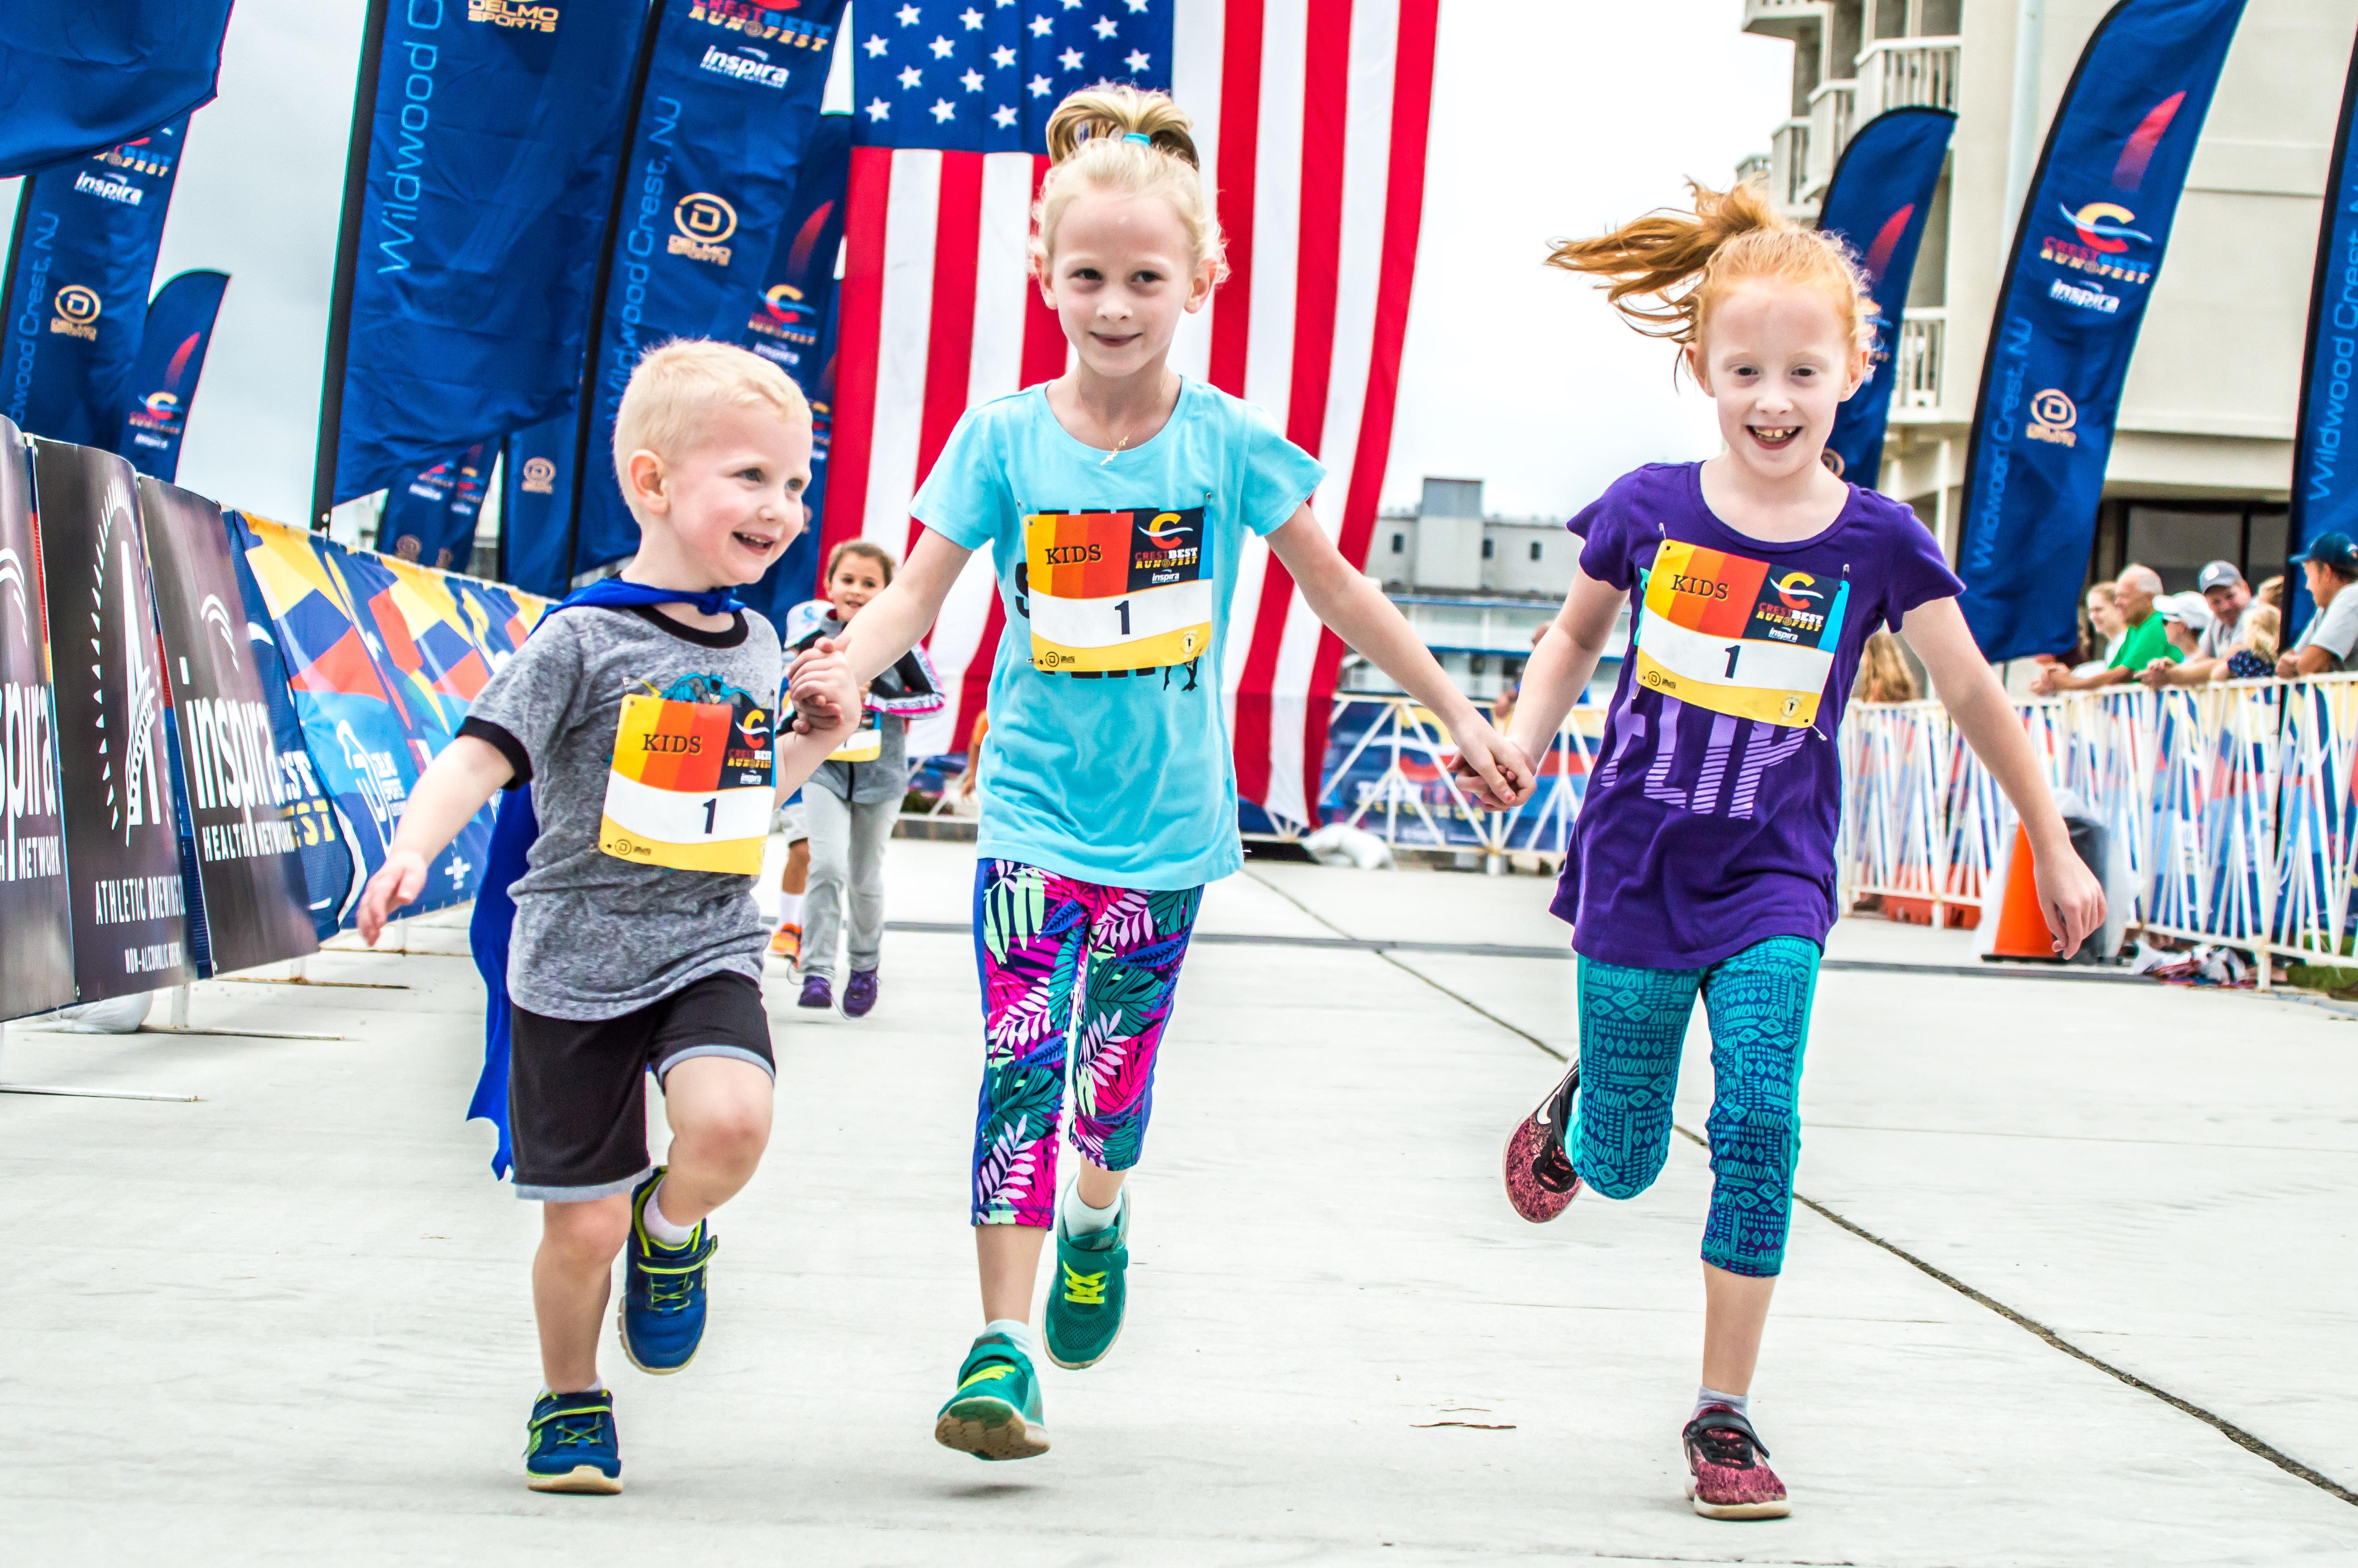 CBT - kids run